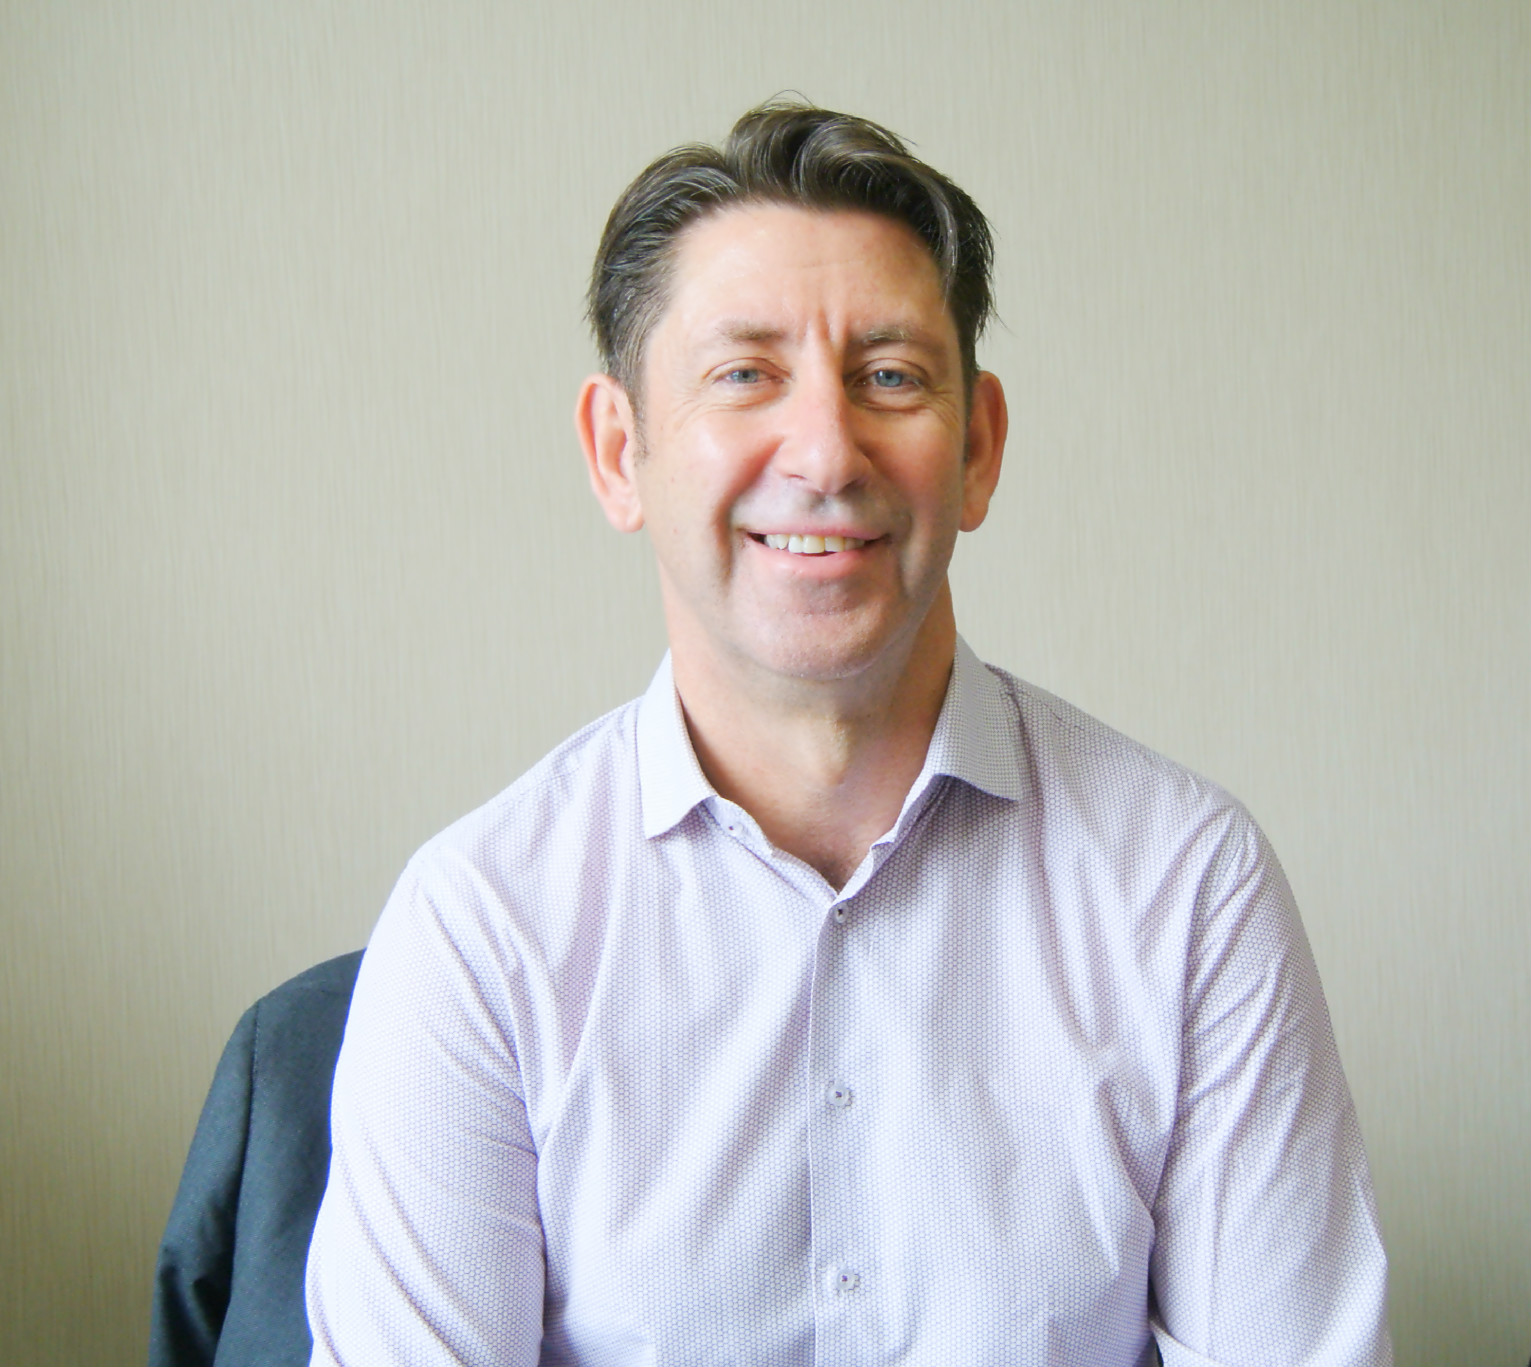 「セキュリティはチームスポーツ」CrowdStrike Services、Mark Goudie 氏インタビュー